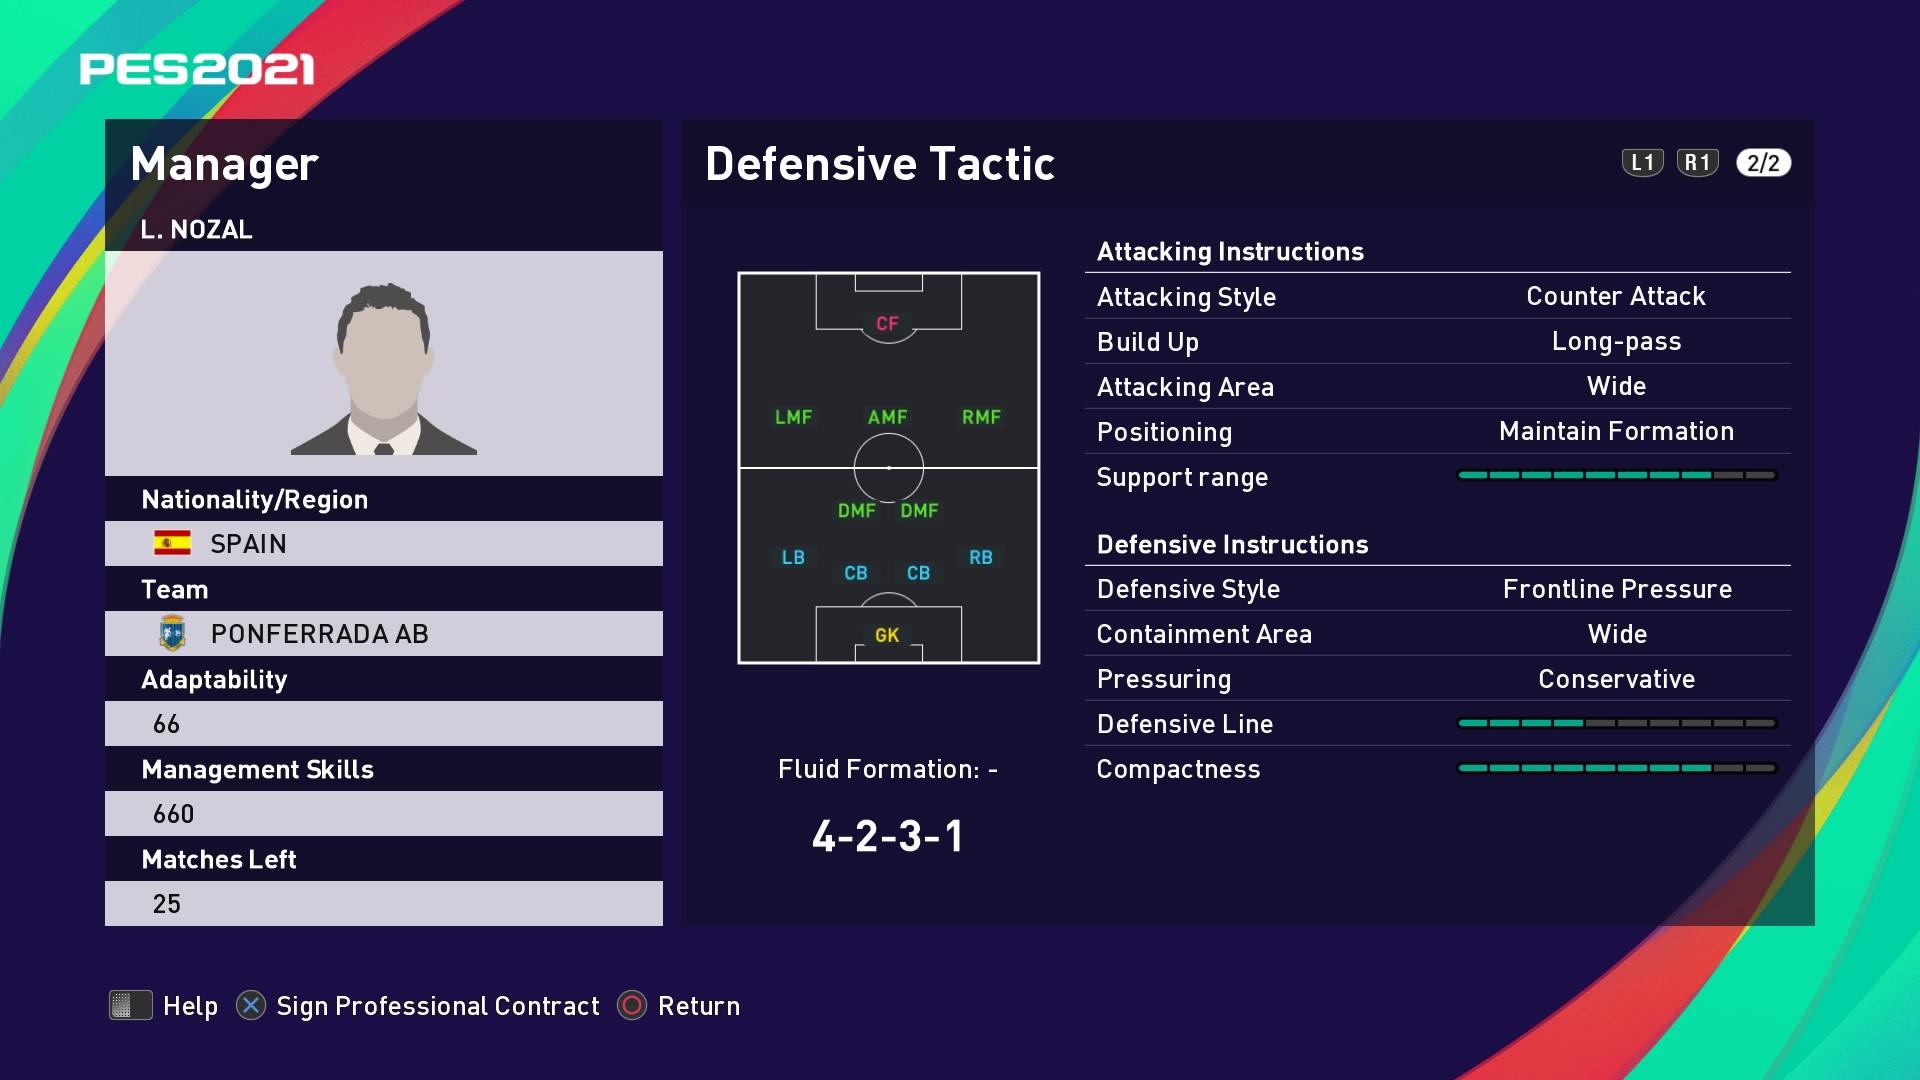 L. Nozal (Bolo) Defensive Tactic in PES 2021 myClub